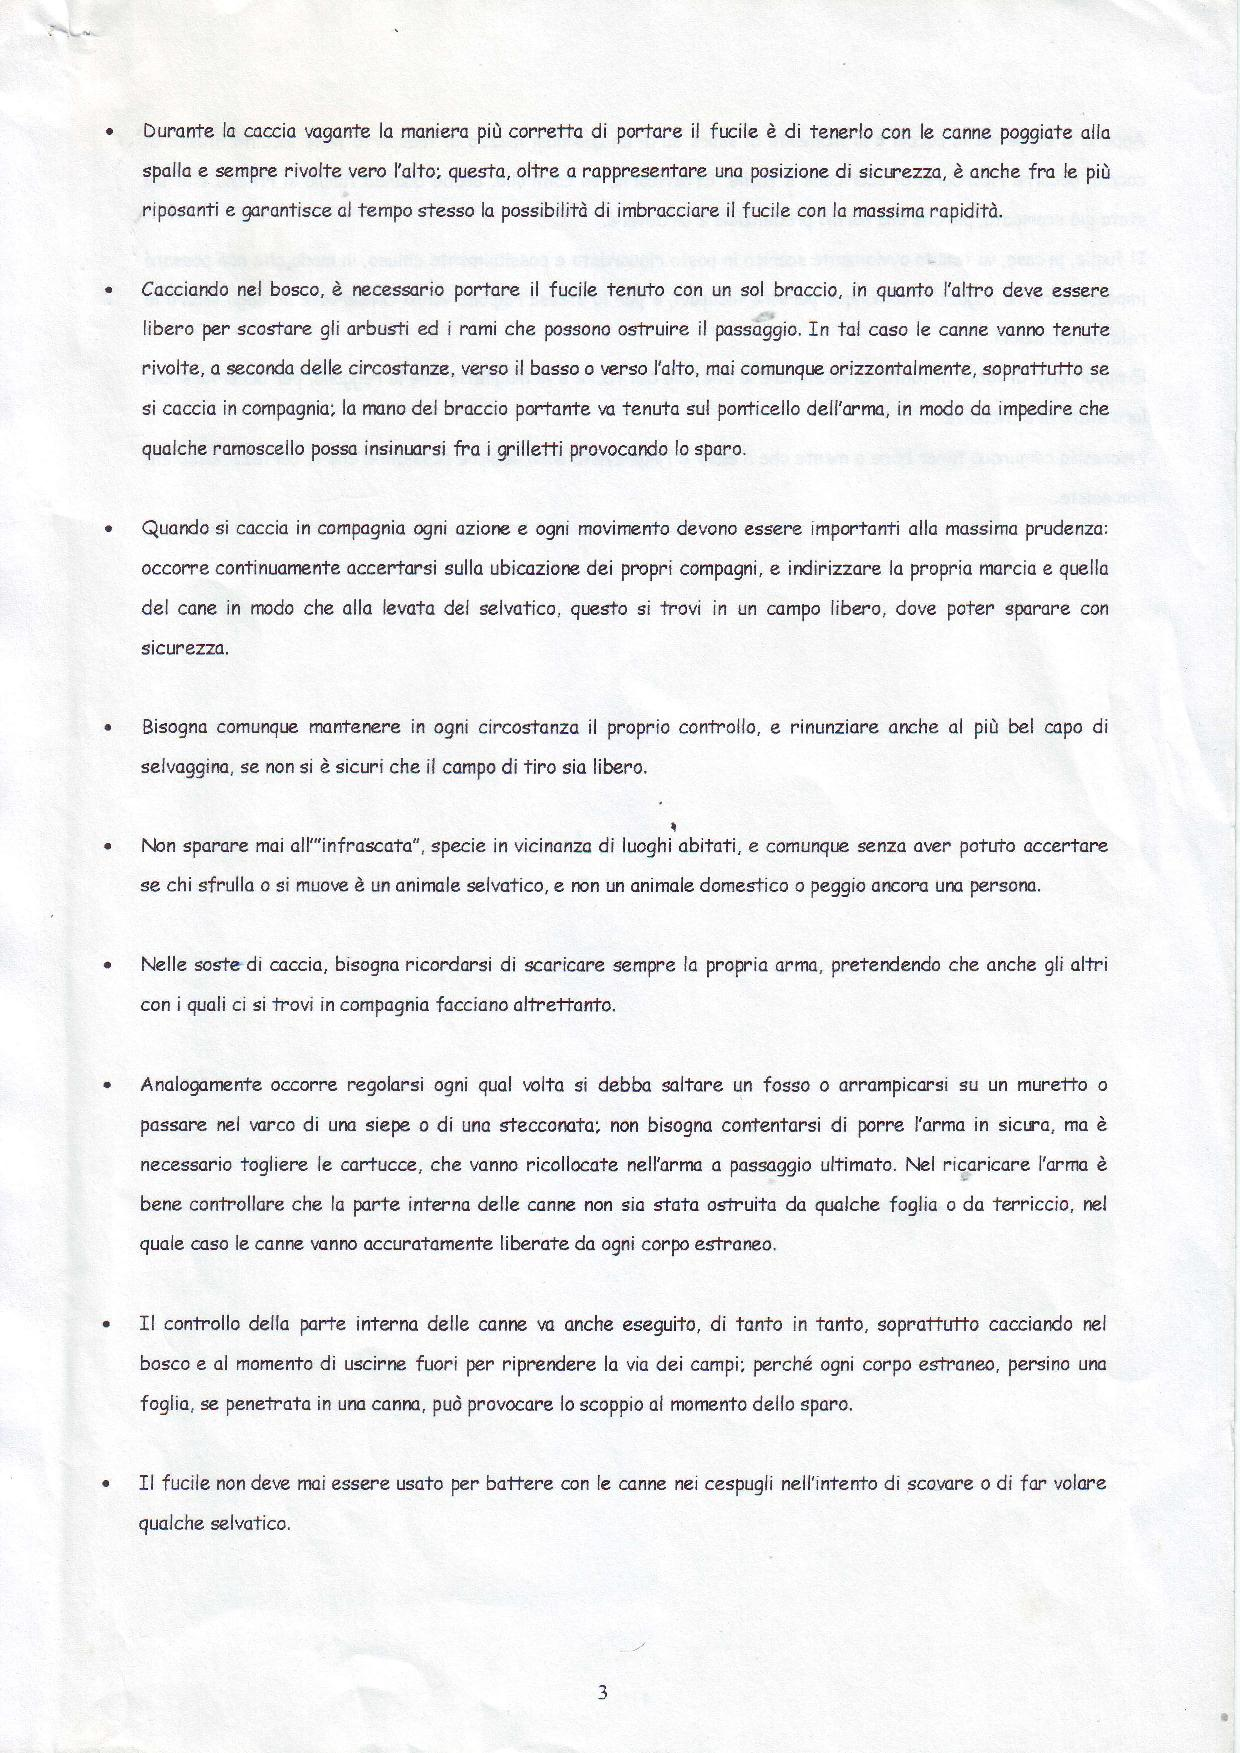 Educazione venatoria-page-004